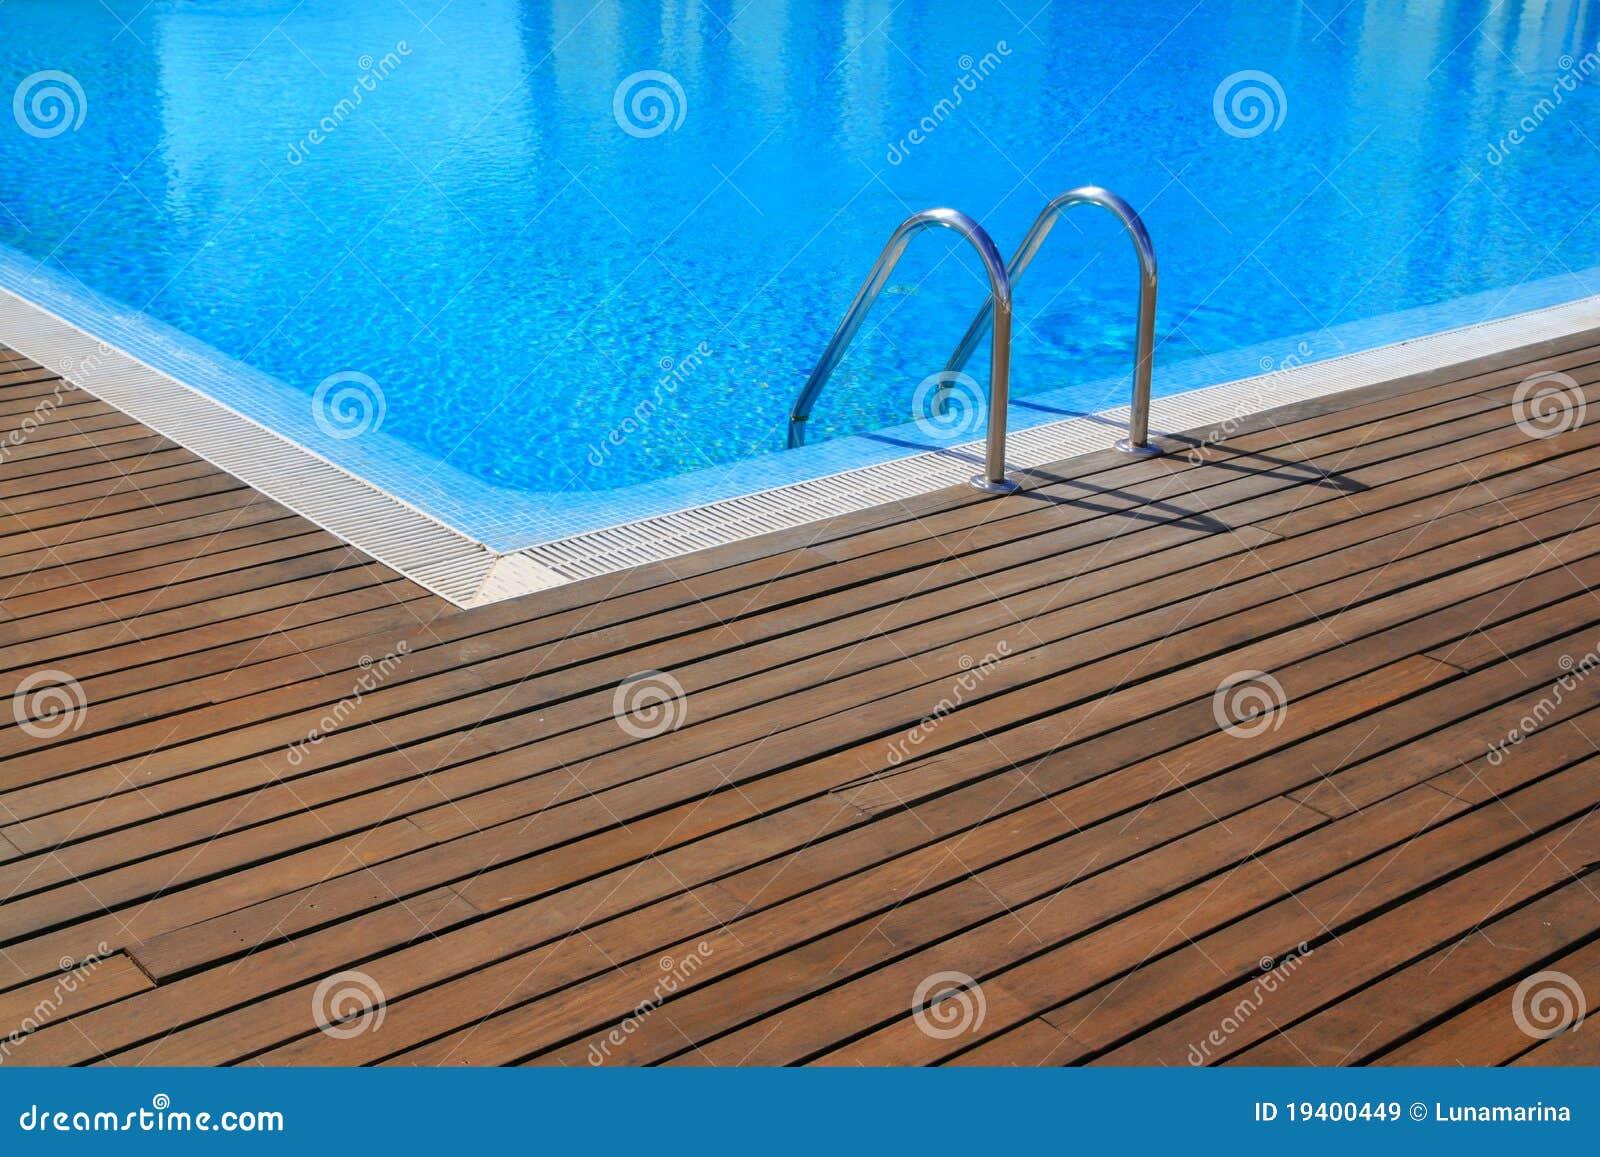 Piscine bleue avec le plancher en bois de teck images for Piscine en teck